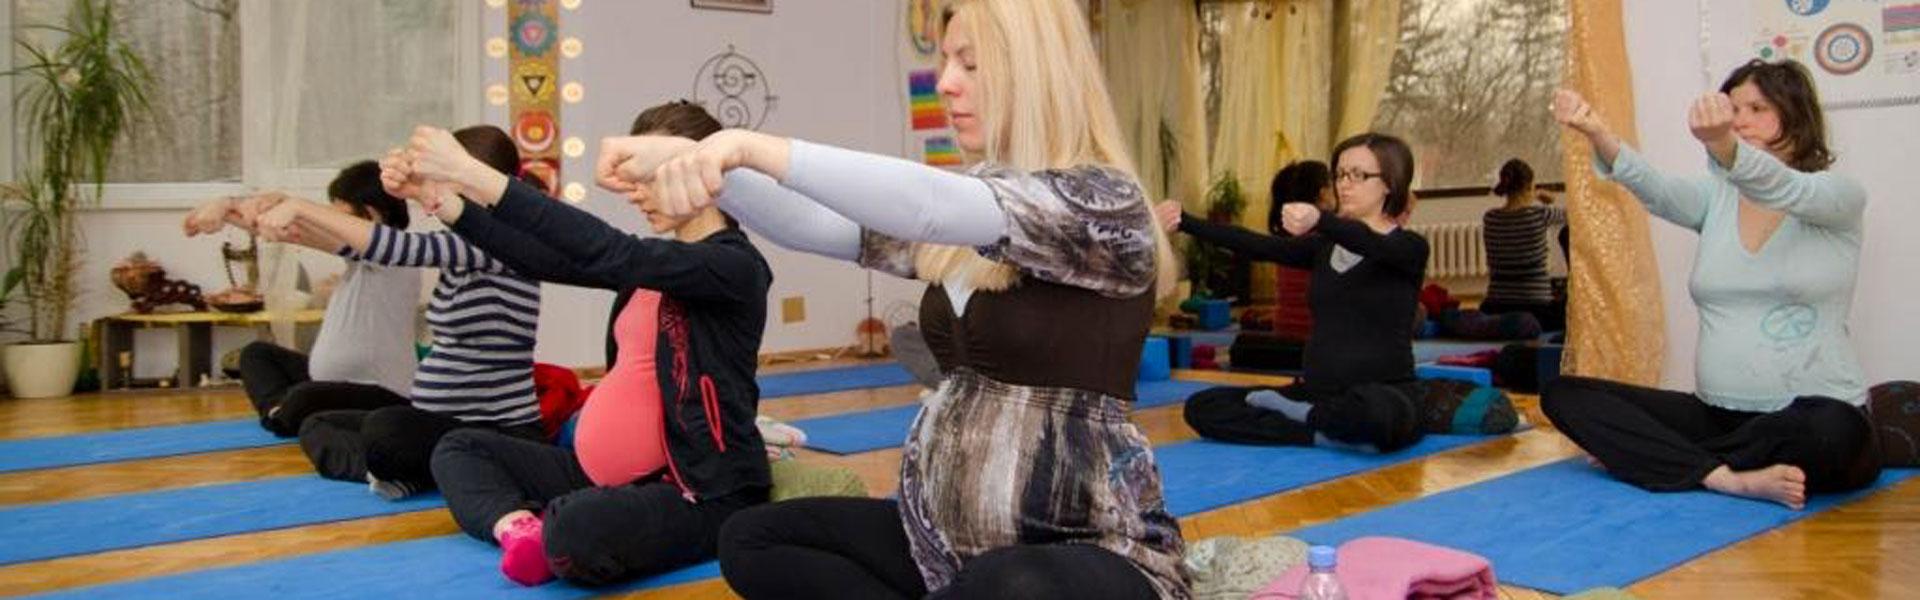 Пренатална йога